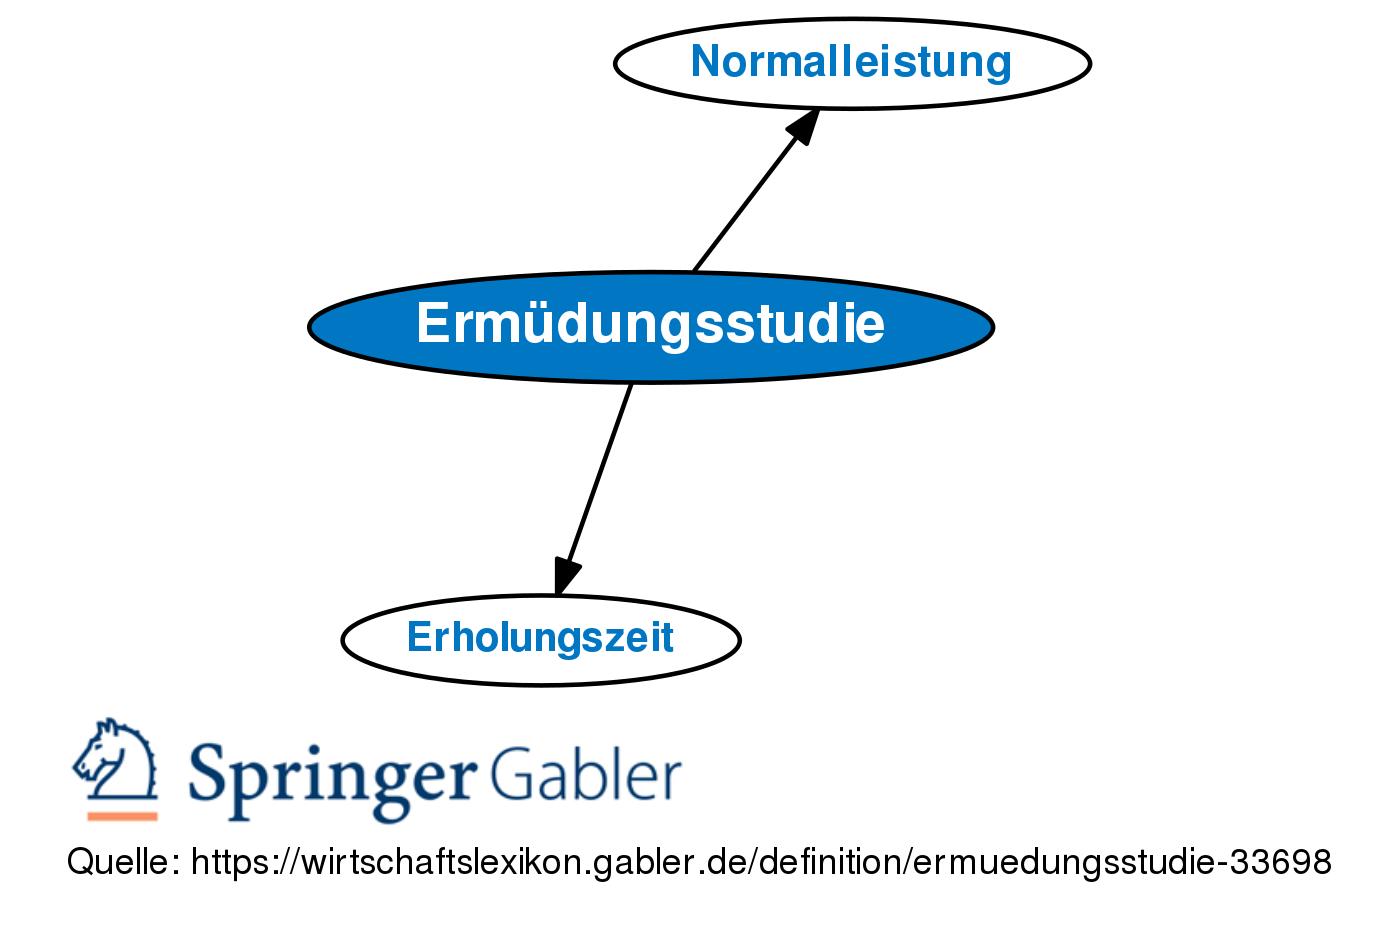 Ermüdungsstudie • Definition   Gabler Wirtschaftslexikon